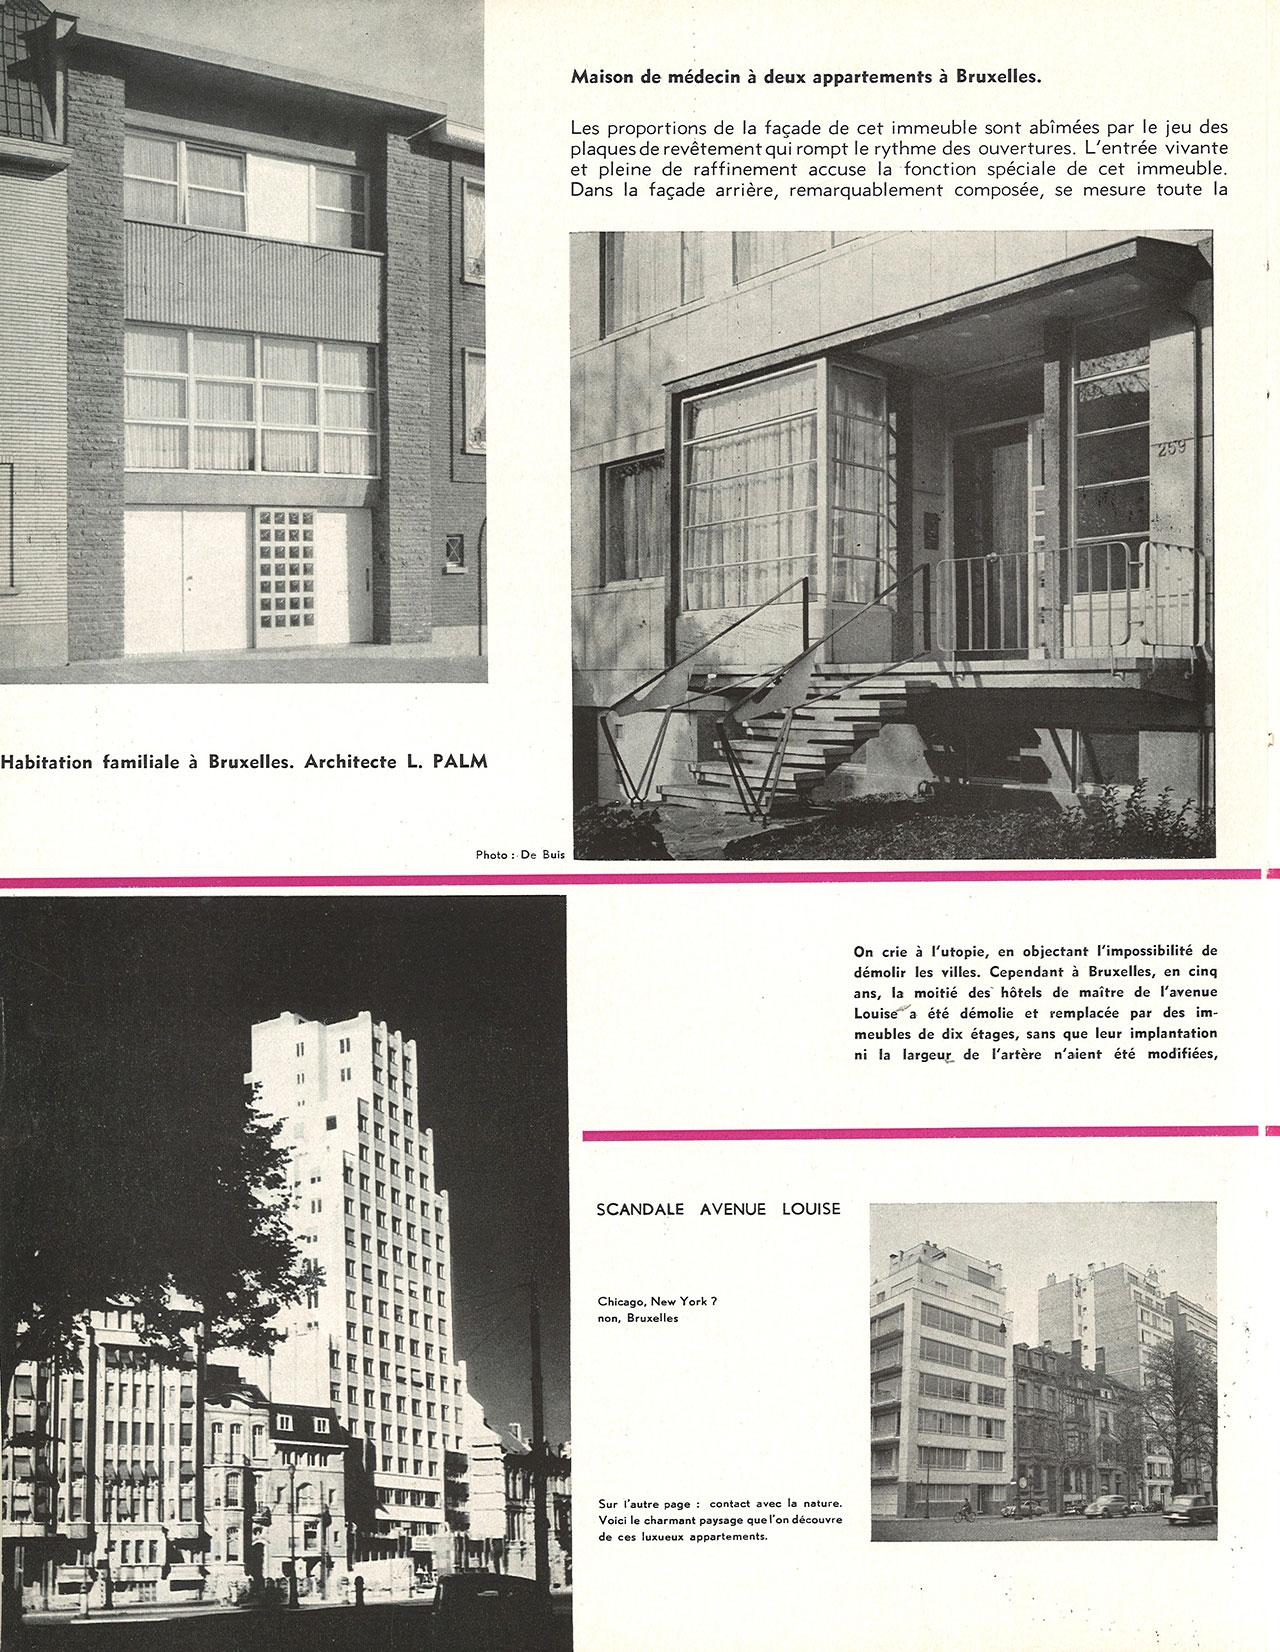 Maison de médecin à deux appartements à Bruxelles